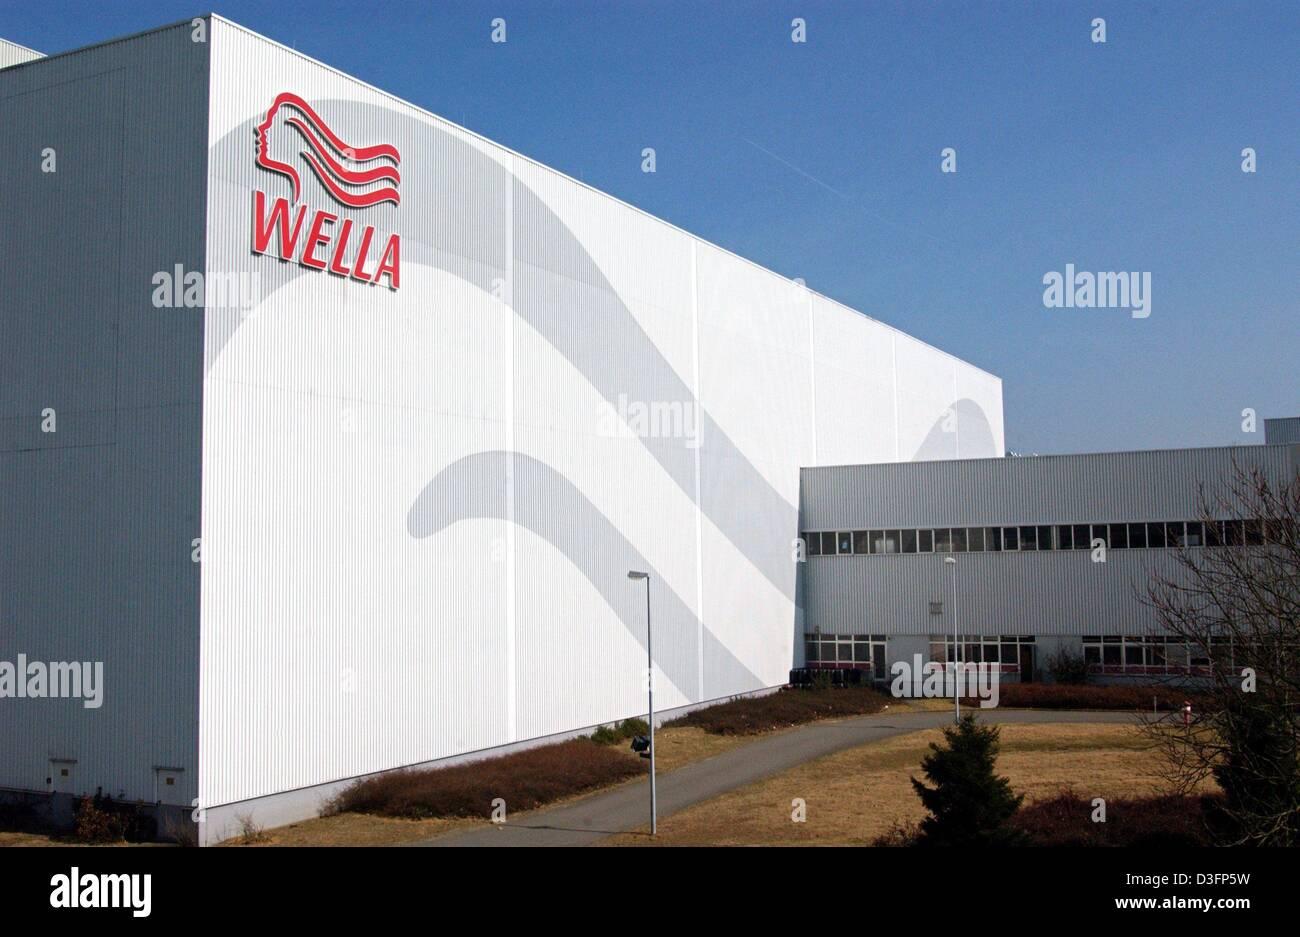 Dpa Ein Großes Lager Der Deutsche Kosmetik Corporation Wella